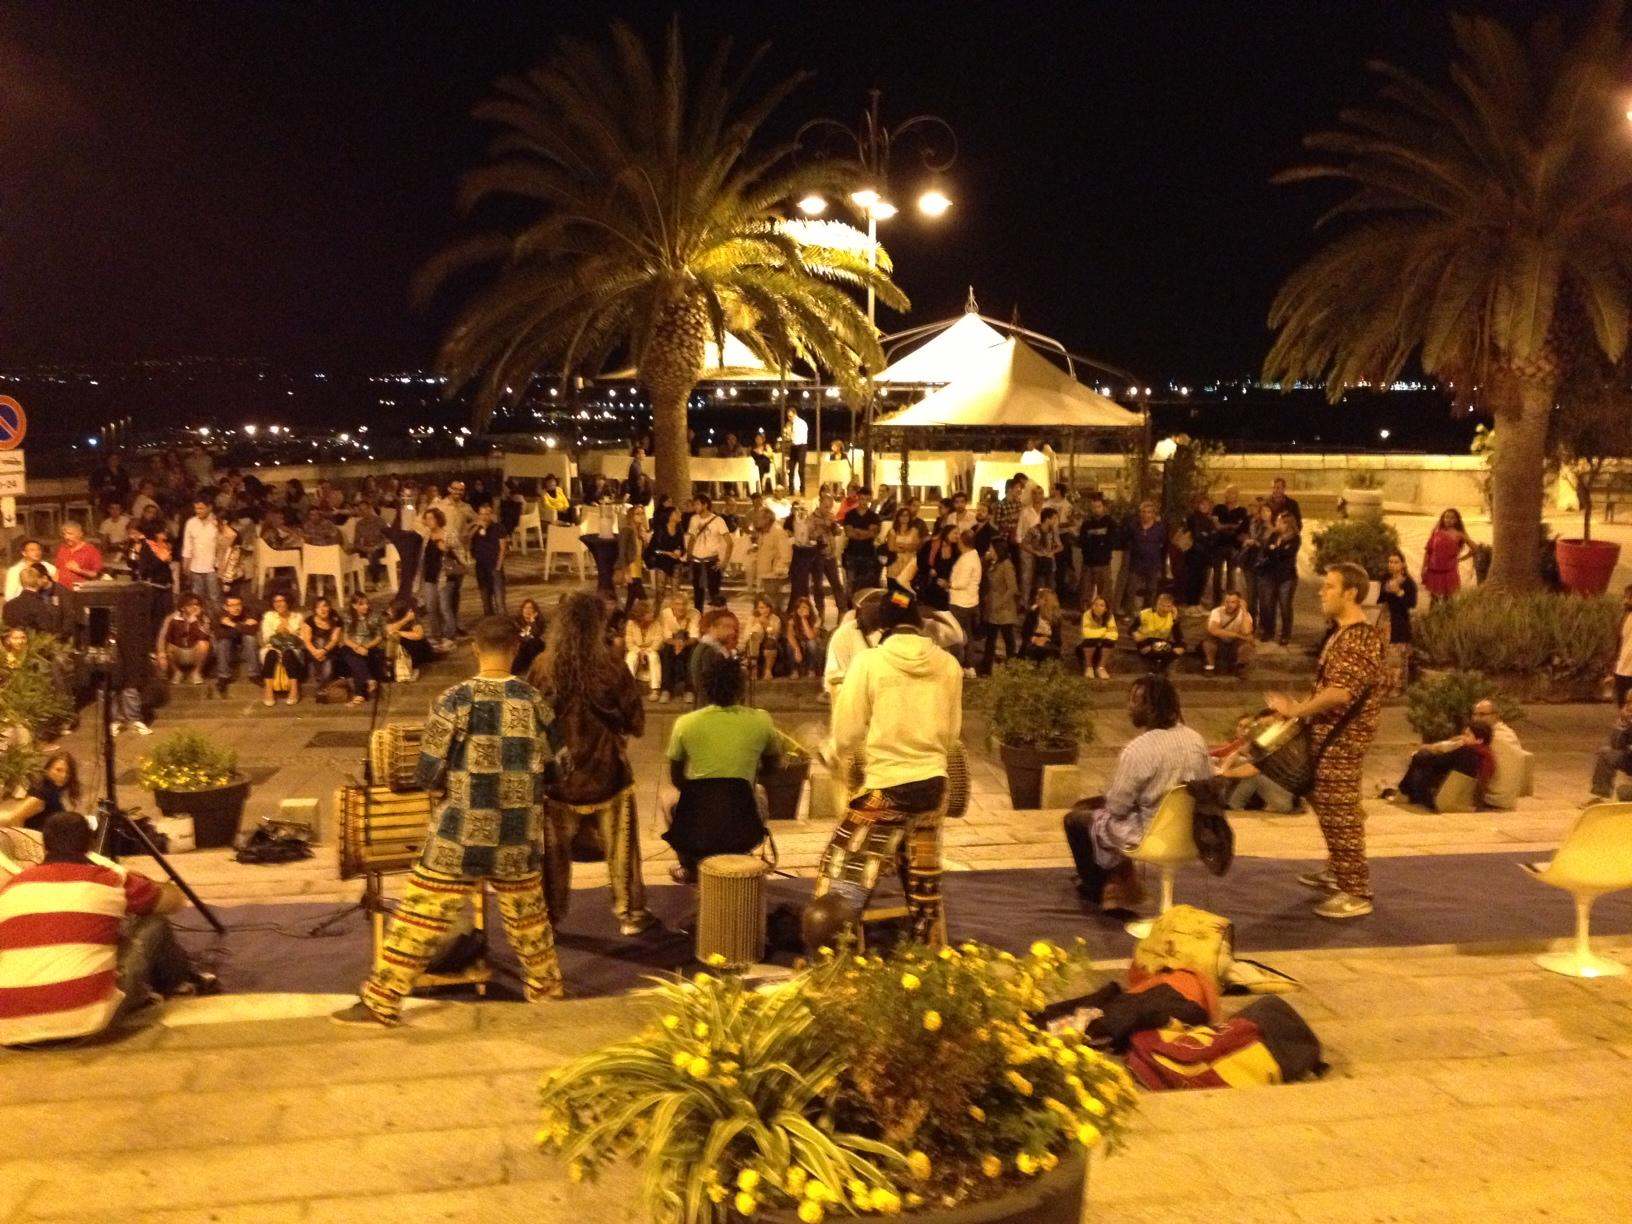 Live from Primavera Araba! La piazza di Cagliari accoglie Rondine con calore